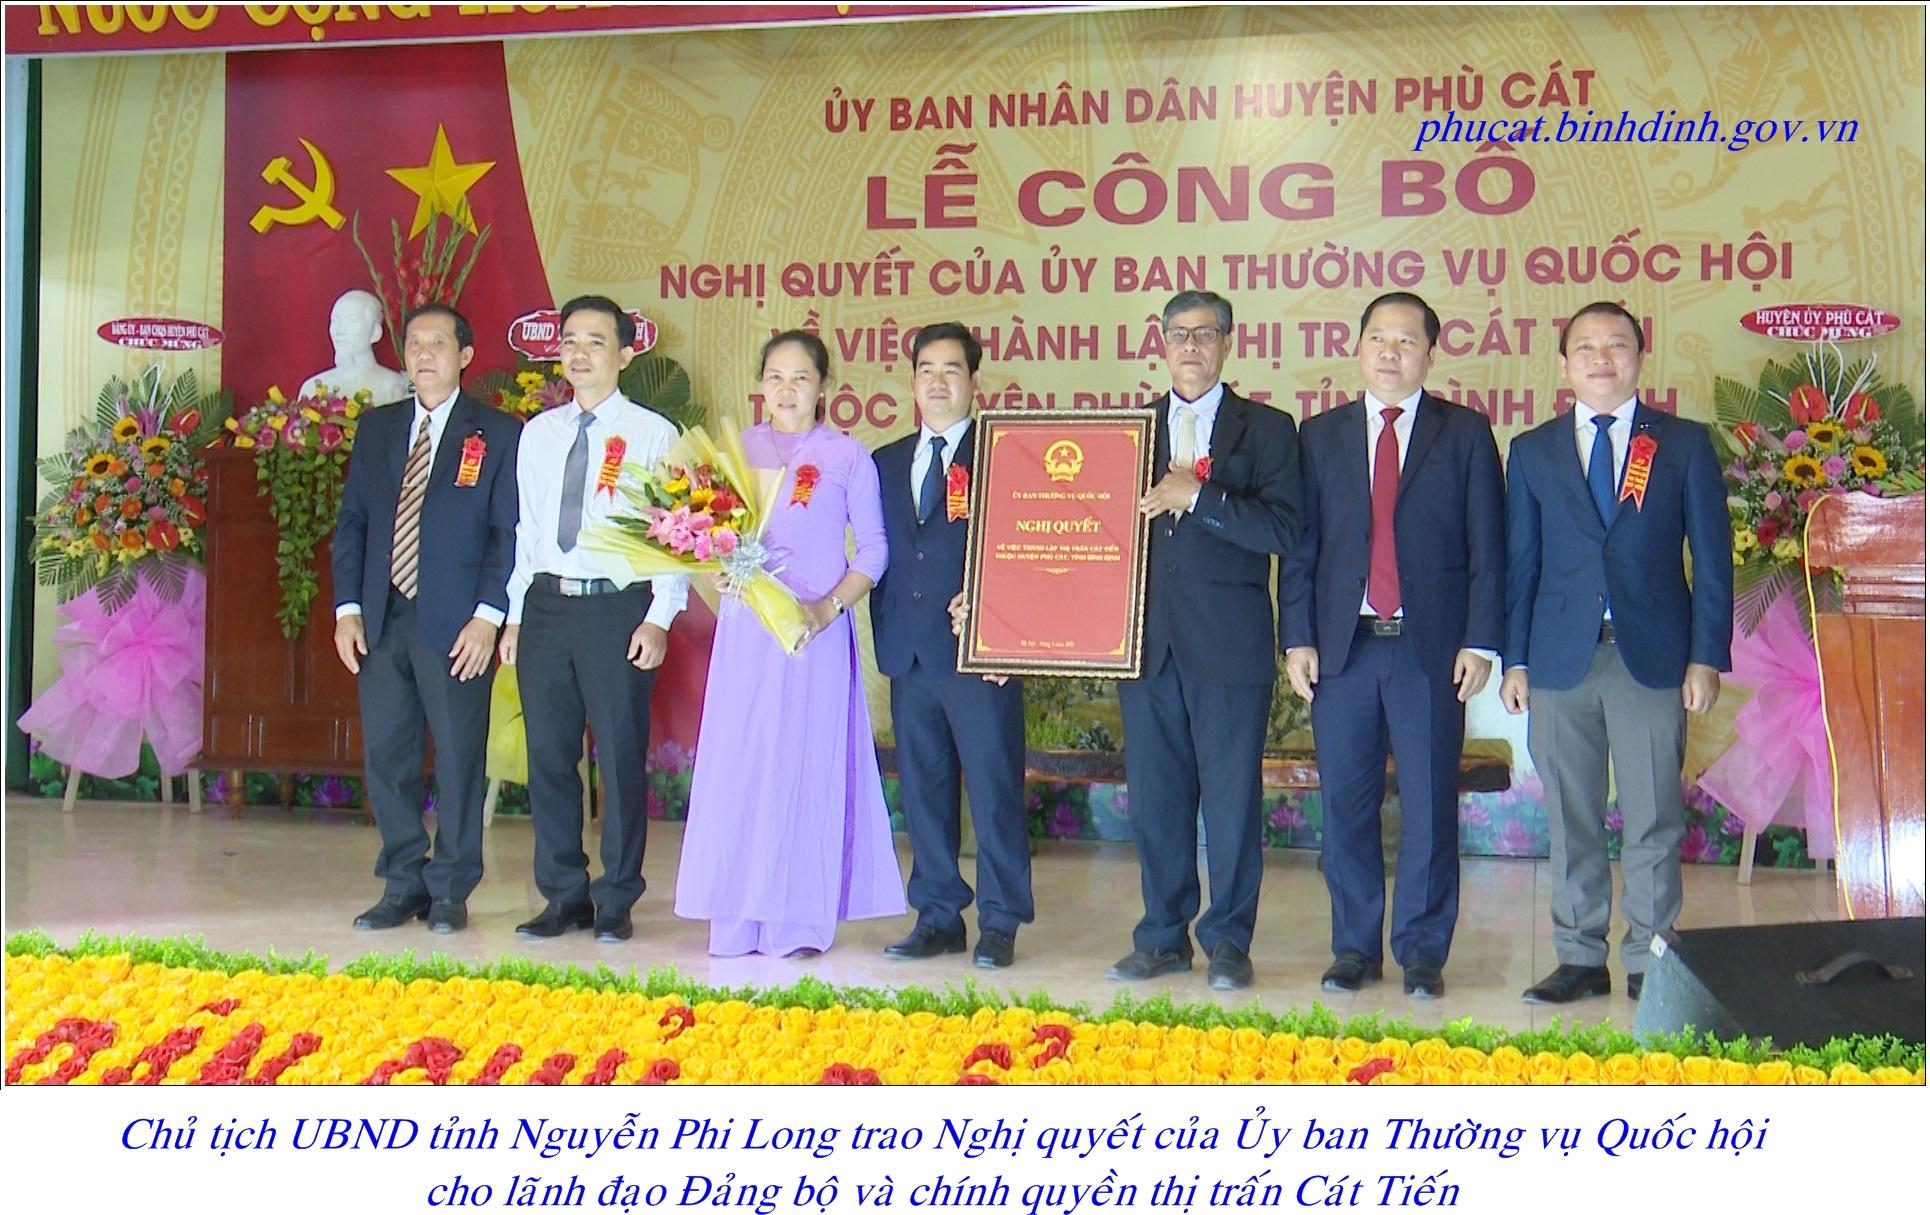 Huyện Phù Cát, Bình Định có thêm một thị trấn - Ảnh 1.